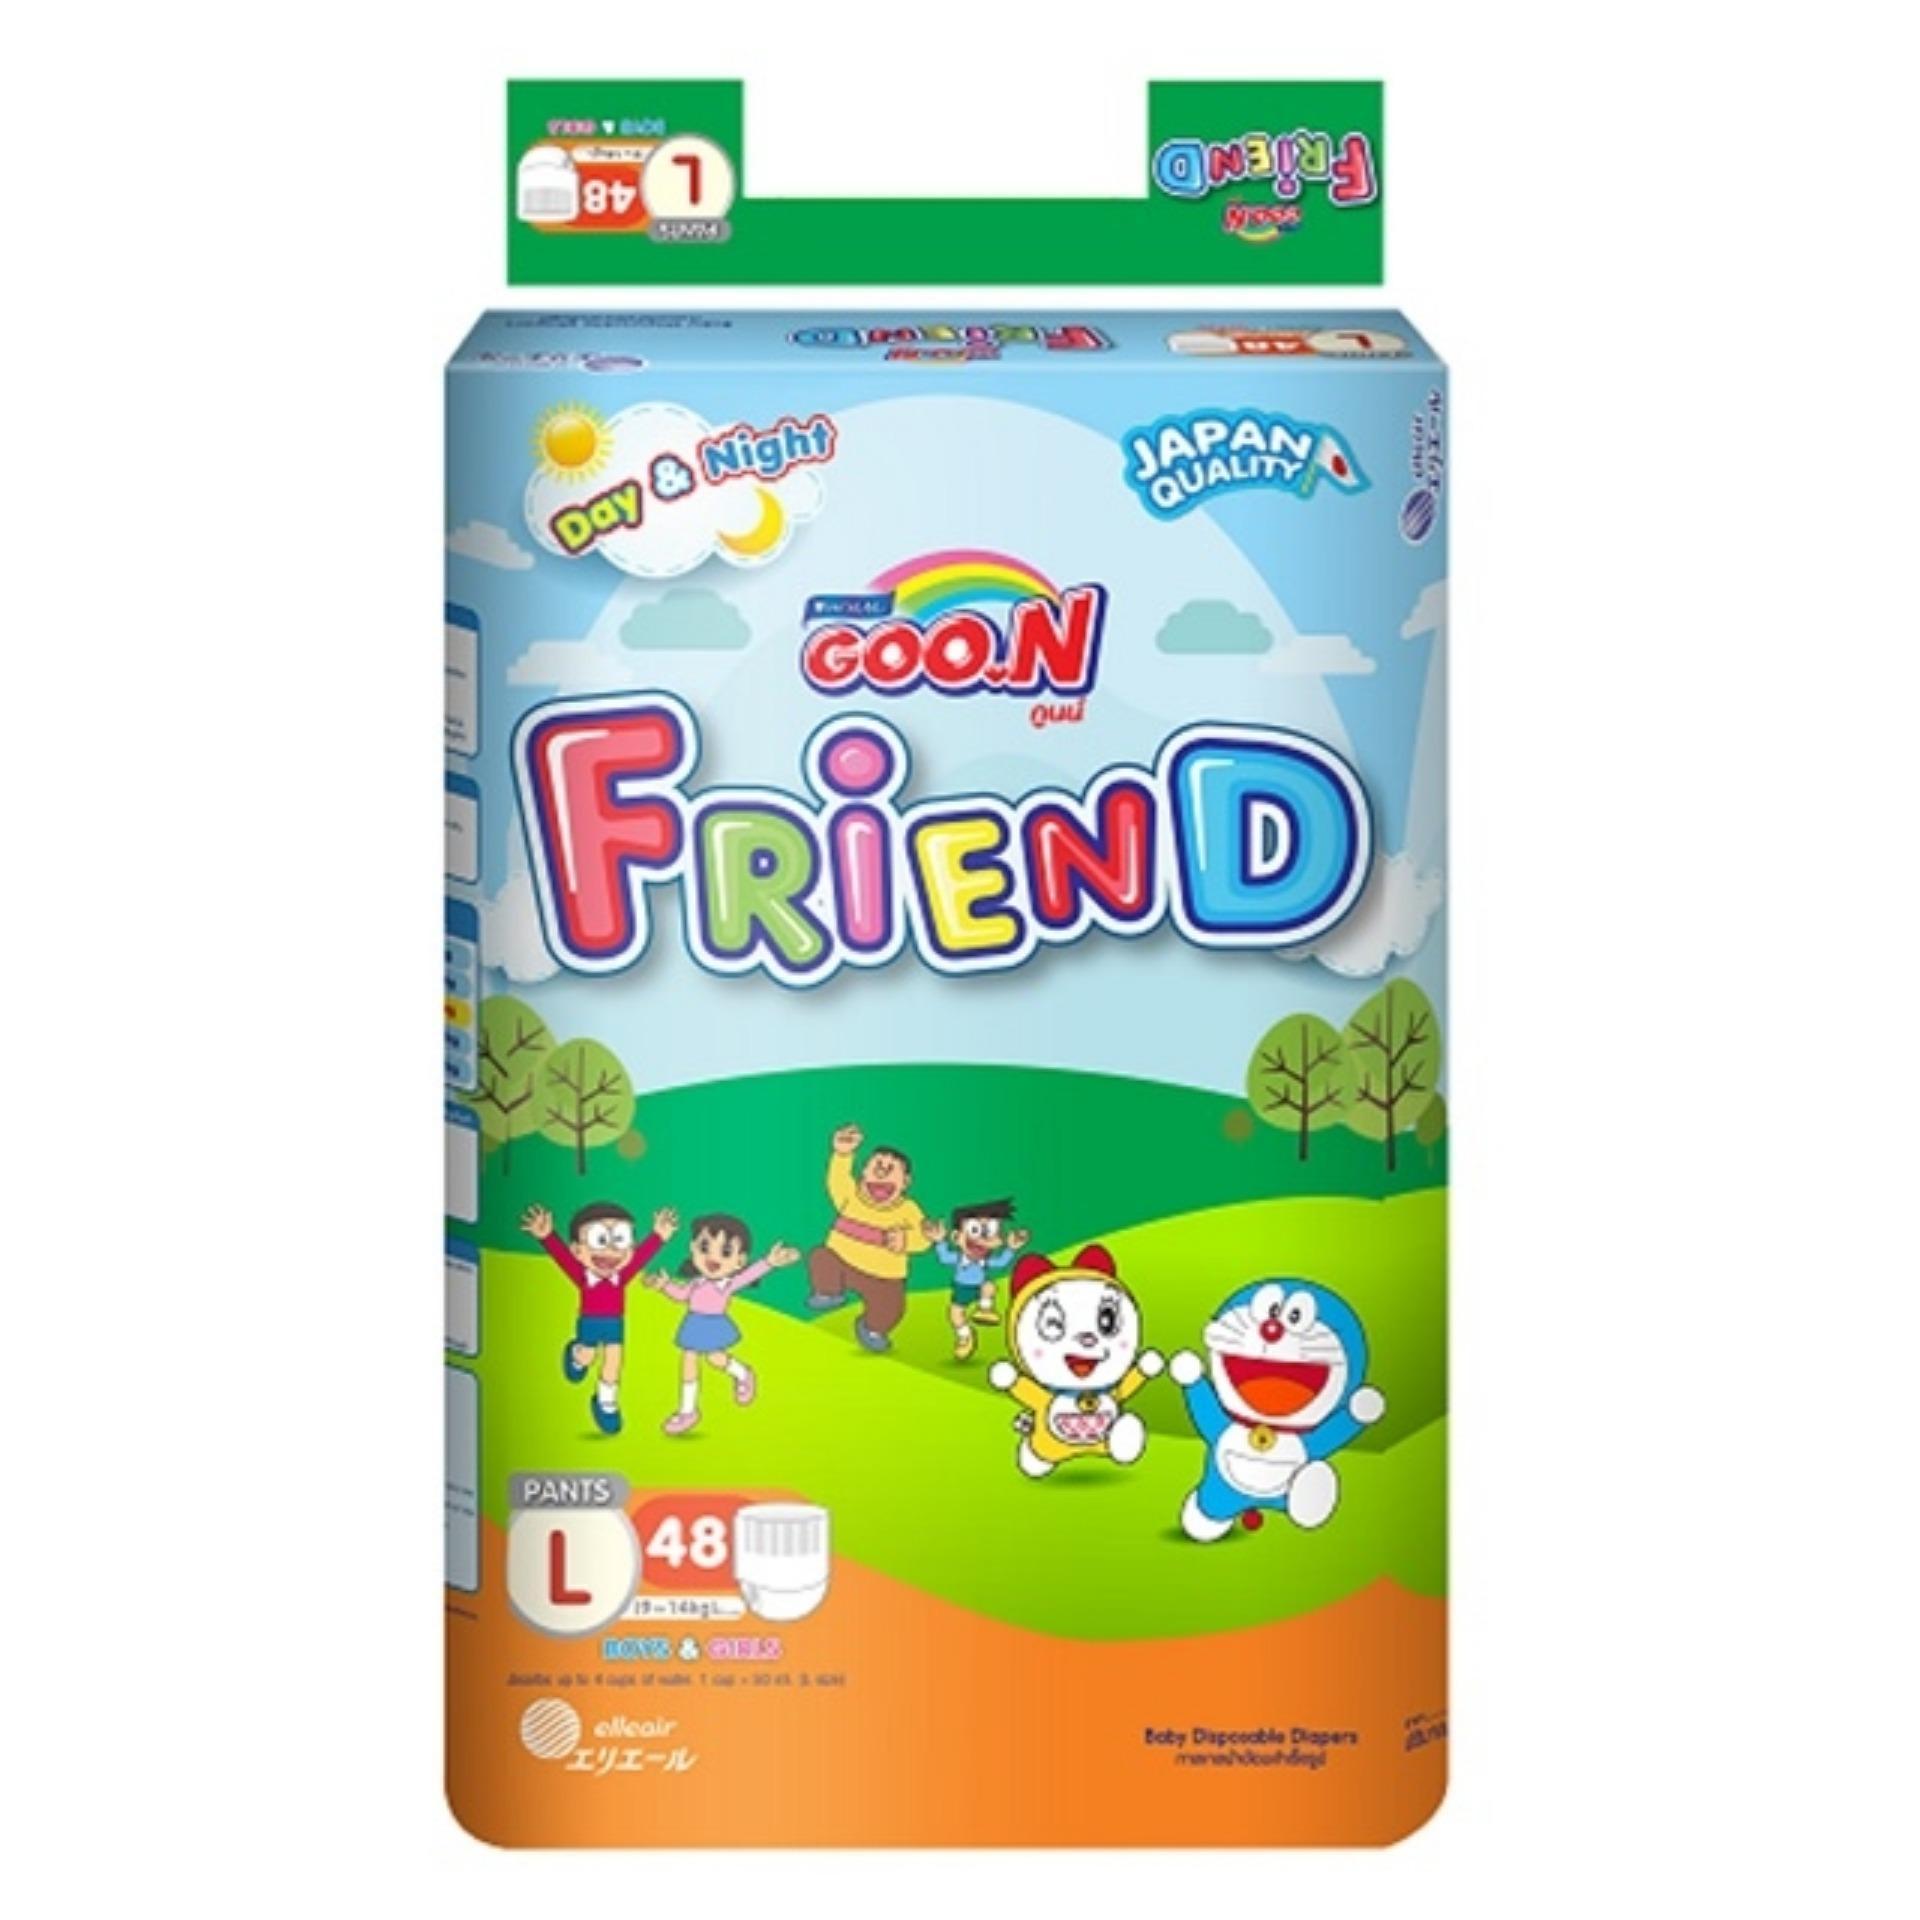 Bỉm Quần Goon Friend S62/M58/L48/XL42/XXL34 Có Giá Cực Tốt